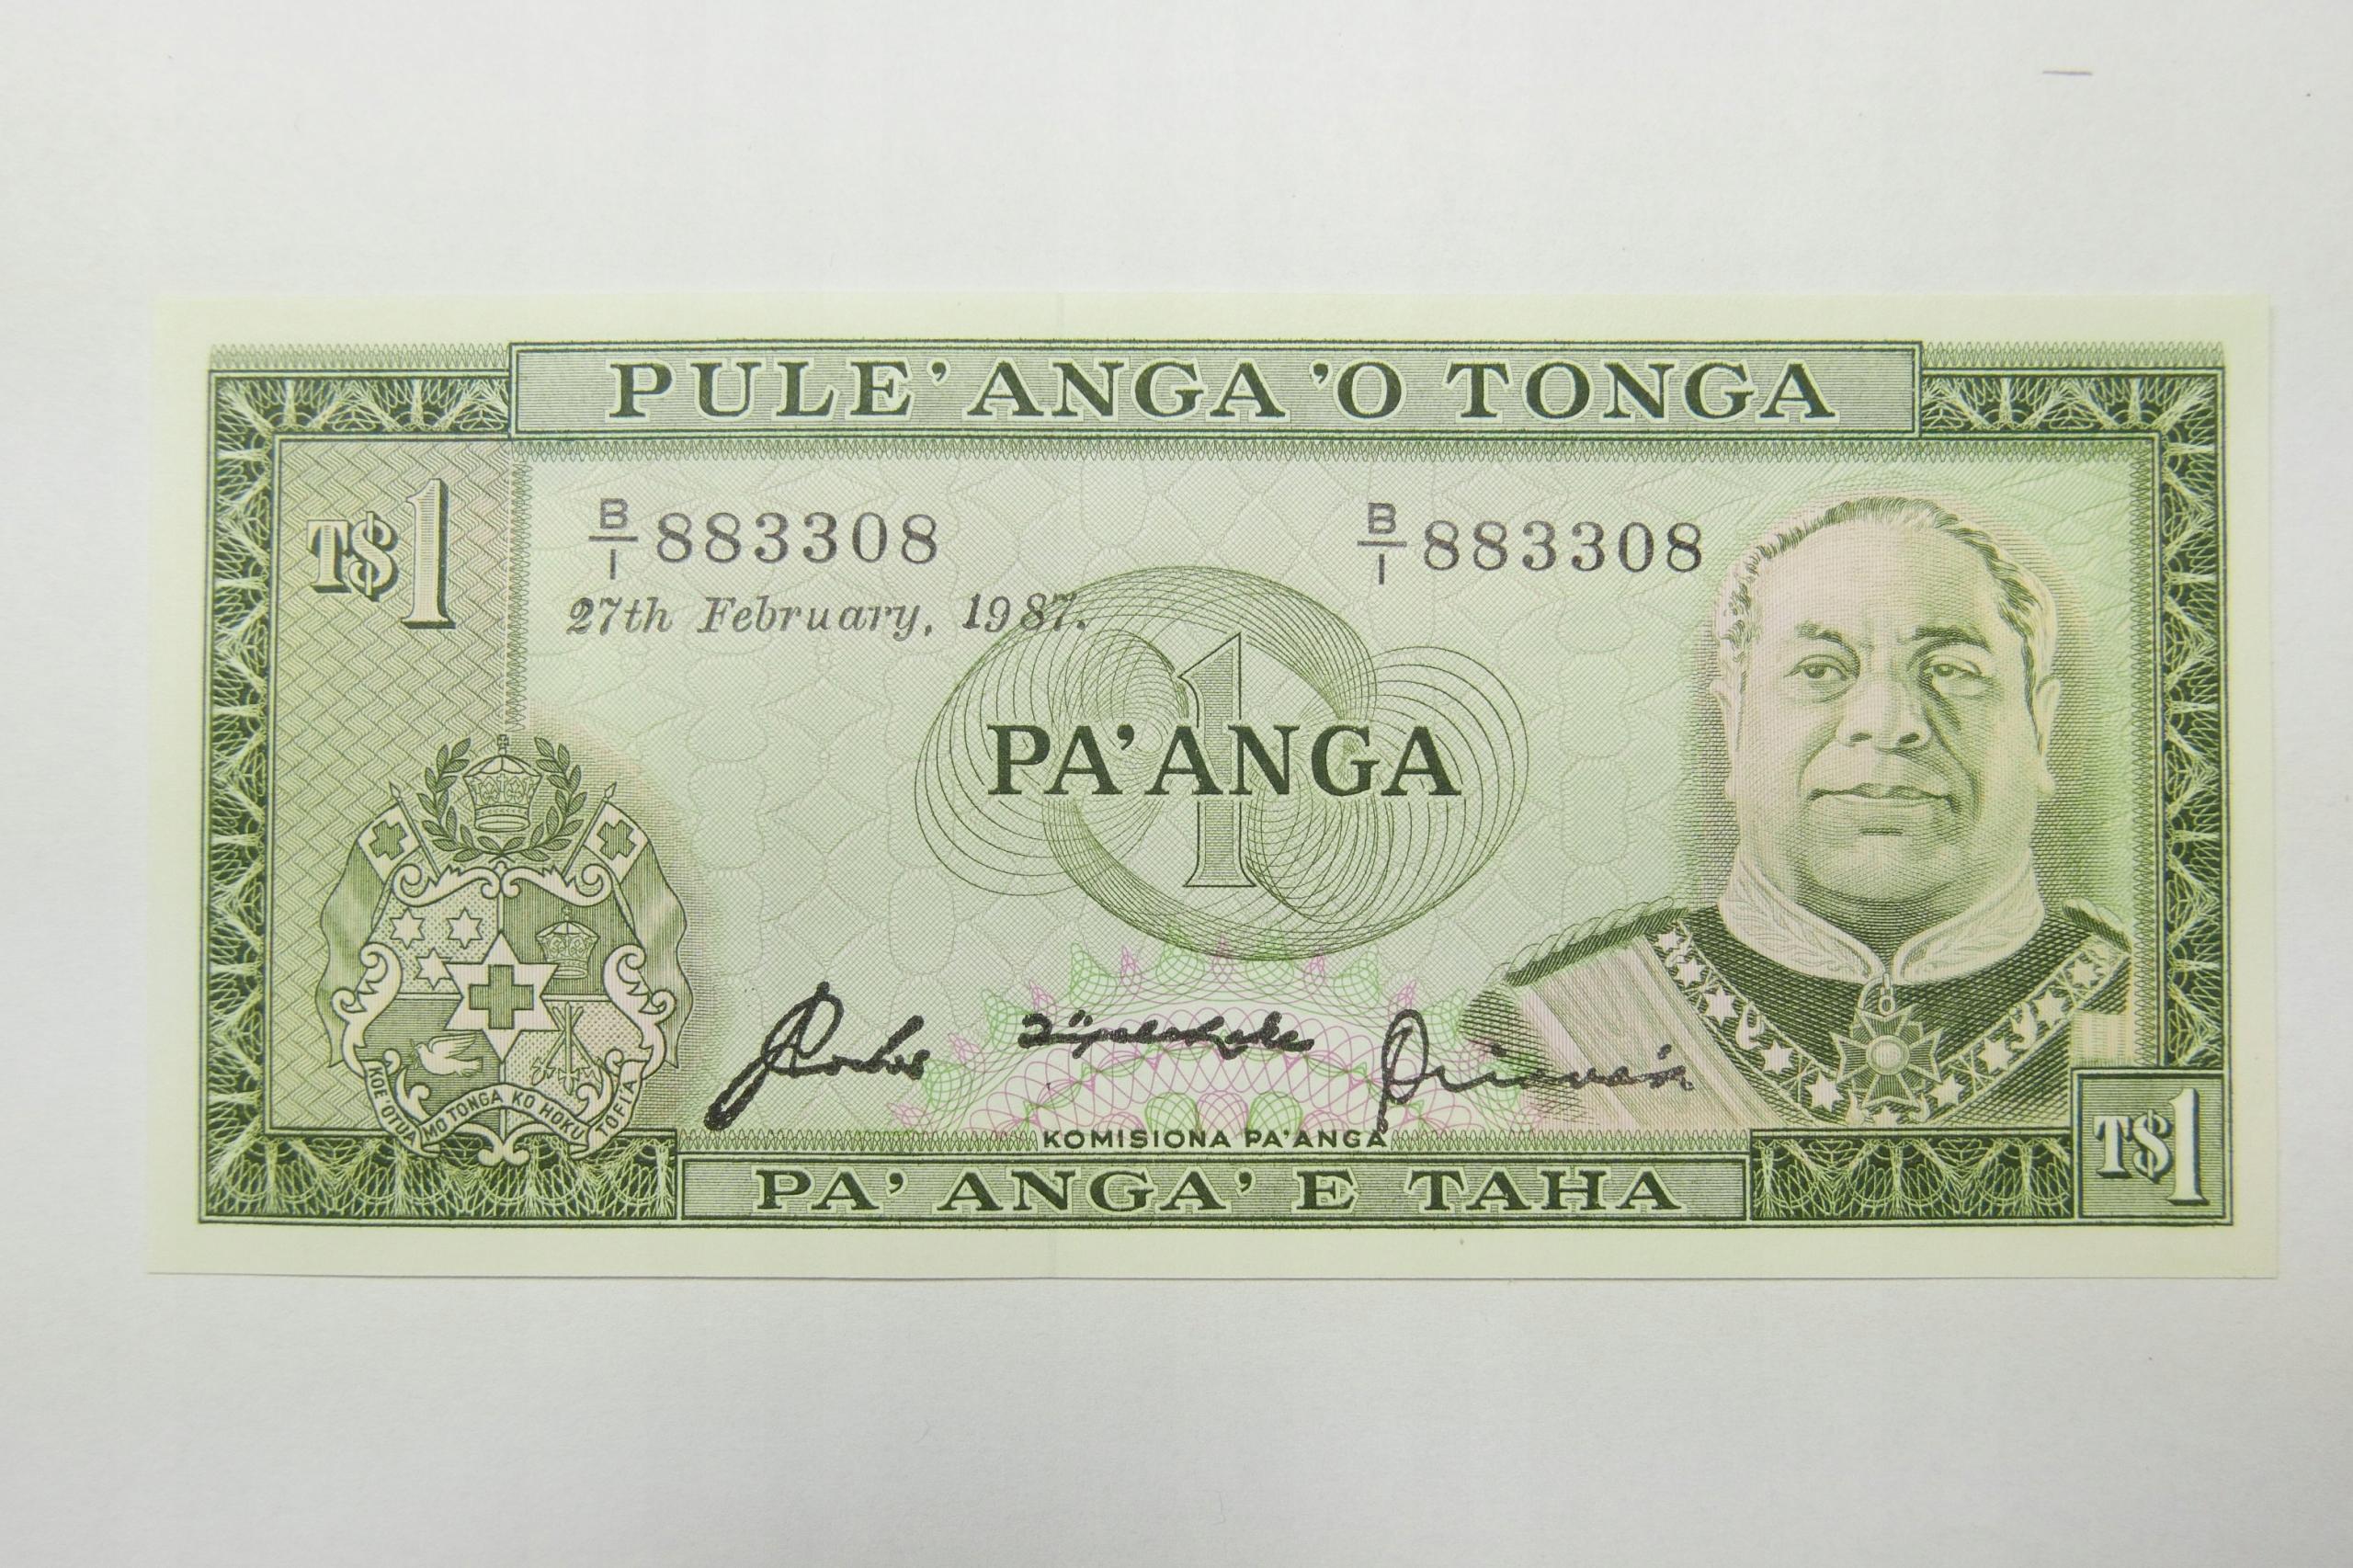 Banknot - 1 Pa'anga 1987 TONGA - J515